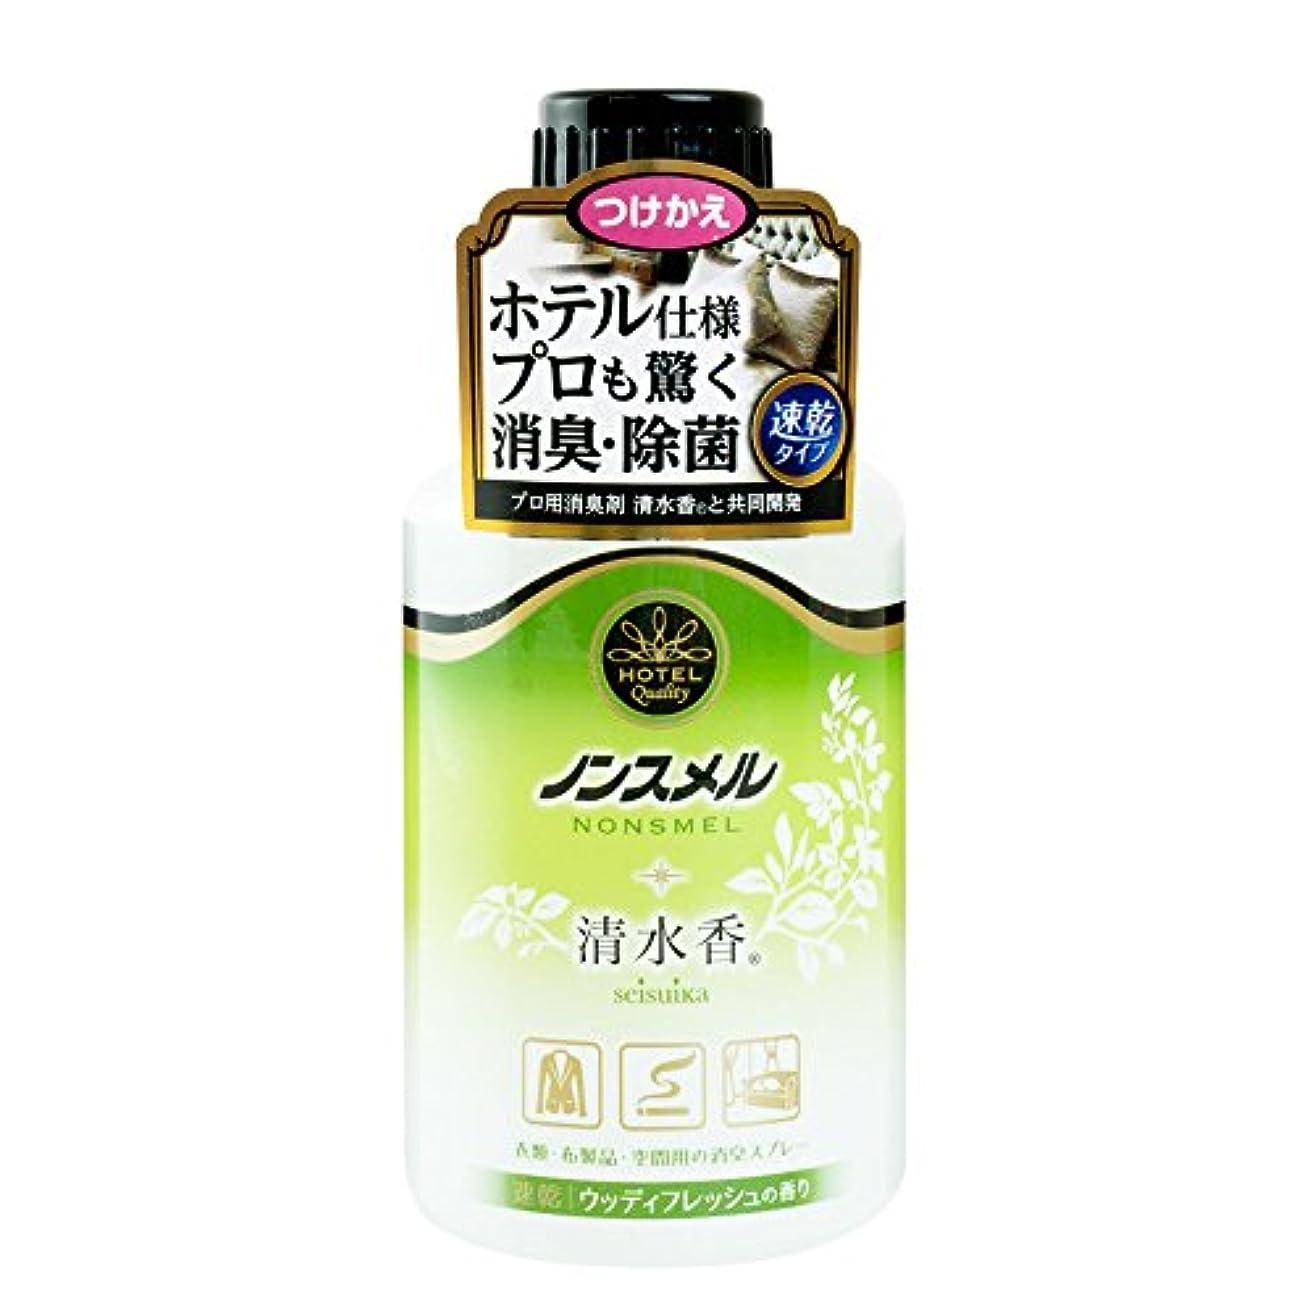 品種マーチャンダイザー耳ノンスメル清水香 【ホテル仕様】 消臭?除菌スプレー ウッディフレッシュの香り つけかえ用 300ml